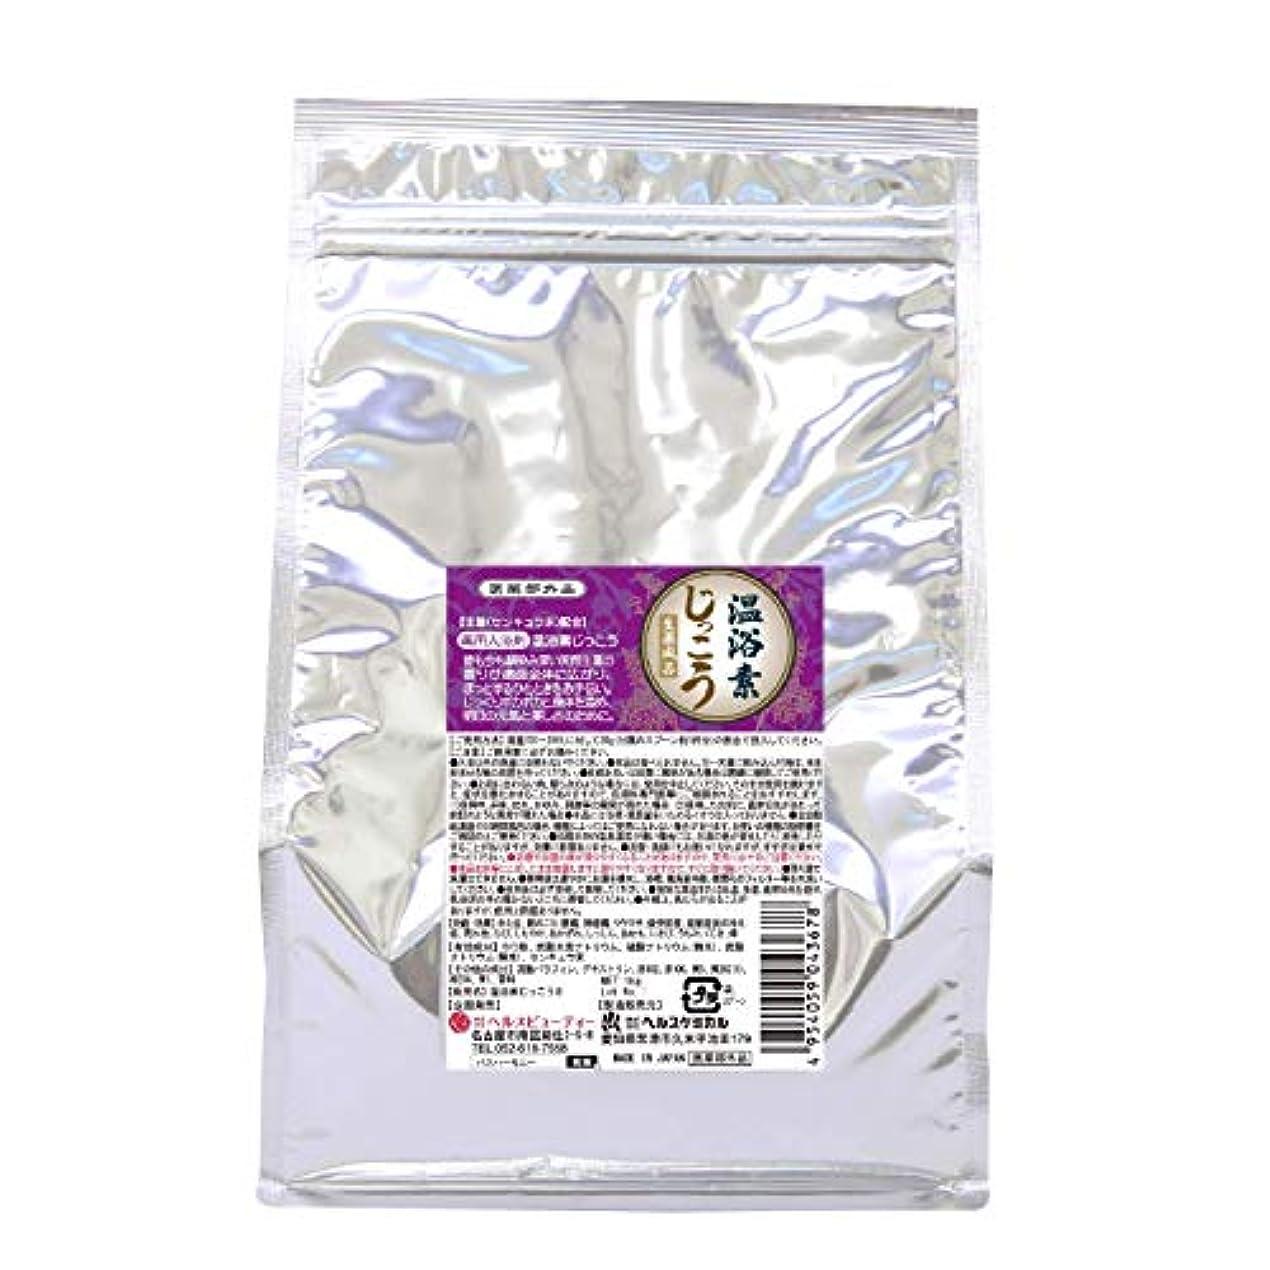 種直接ペナルティ入浴剤 湯匠仕込 温浴素じっこう 生薬 薬湯 1kg 50回分 お徳用 医薬部外品